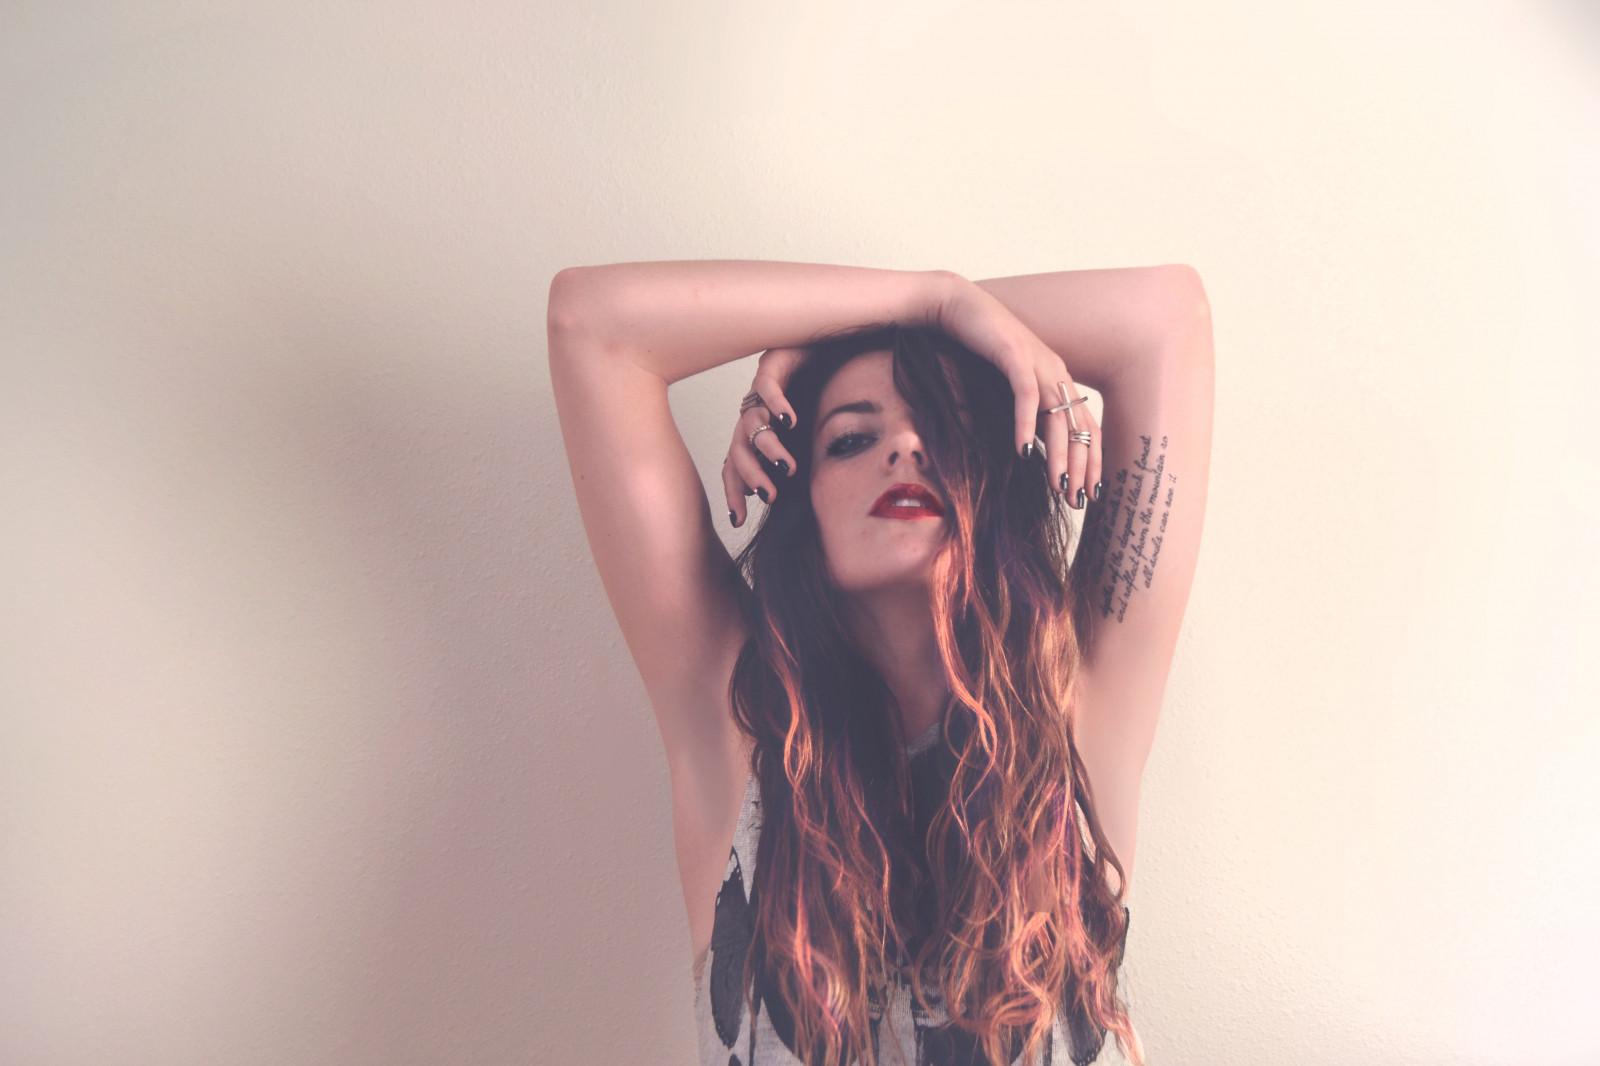 Hintergrundbilder Modell Porträt Hände Lange Haare